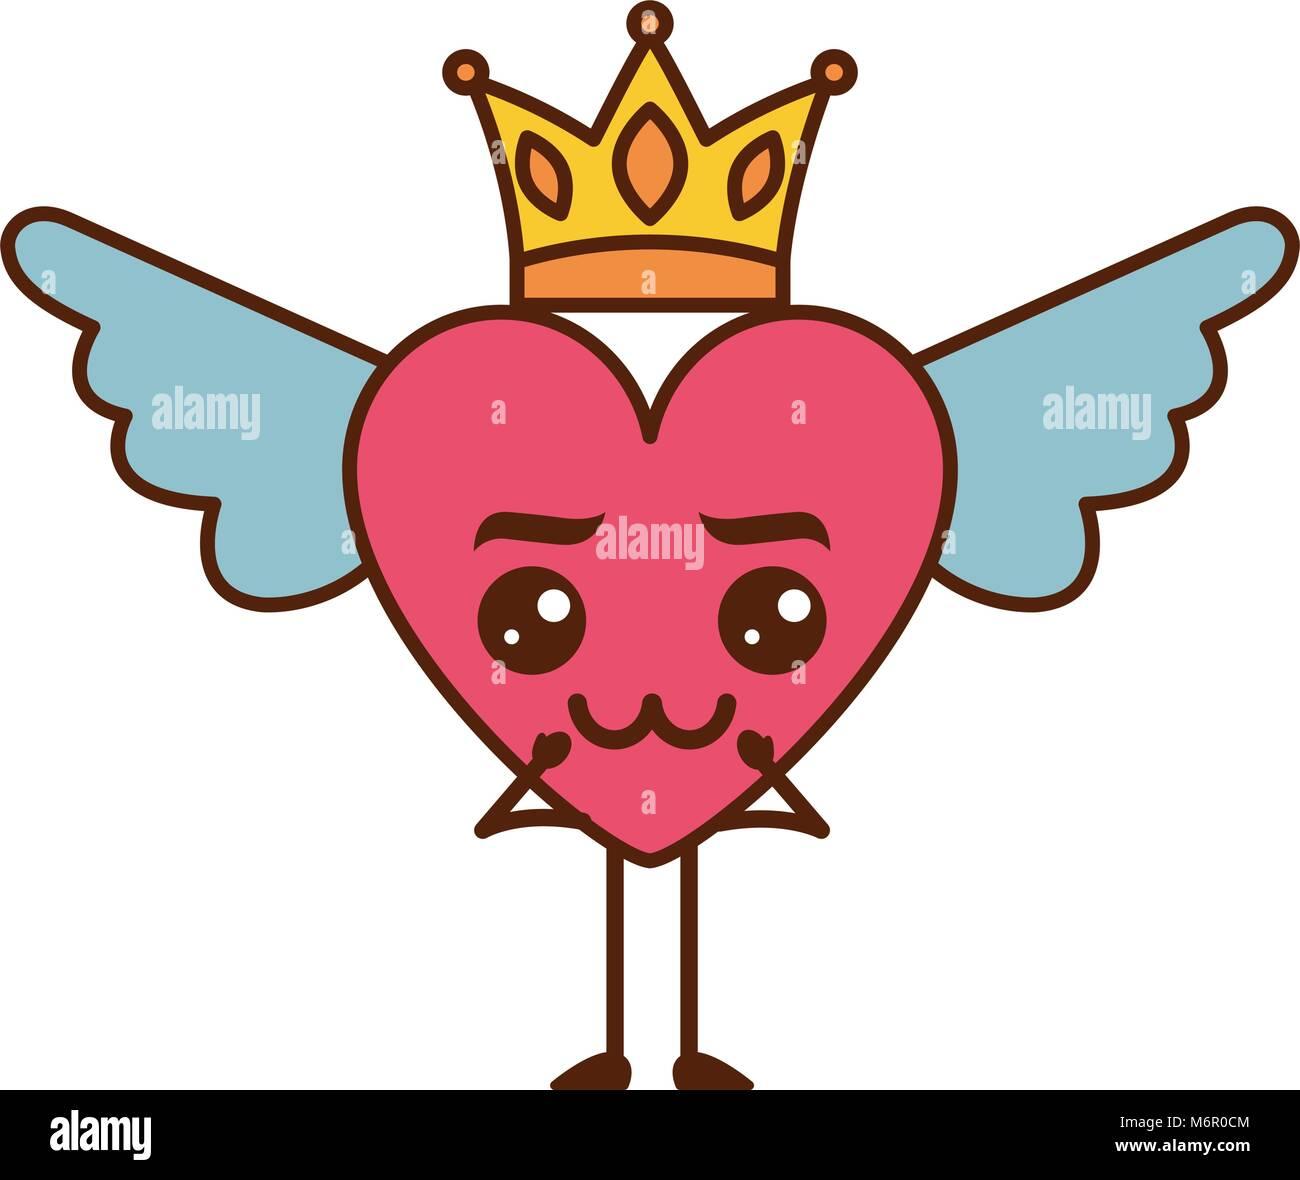 Cartoon Corazón Con Amor Kawaii Alas Y Corona Ilustración Vectorial